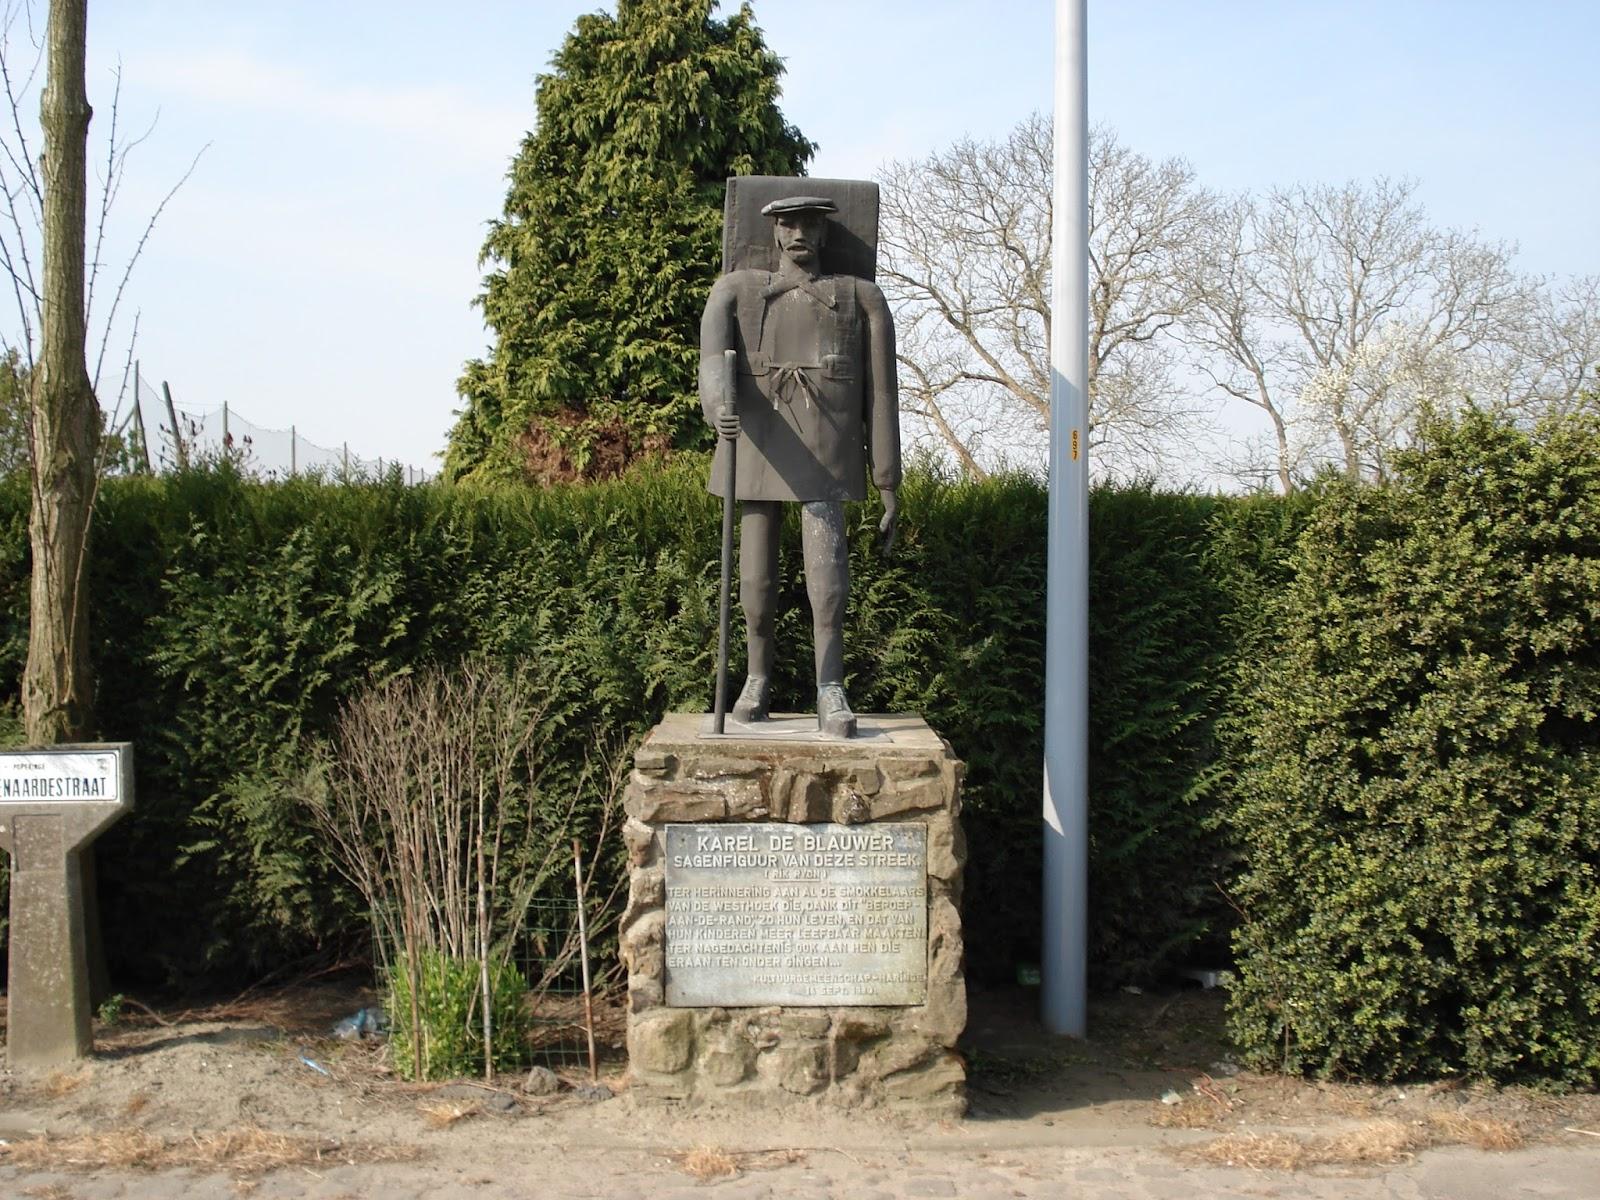 Karel de Blauwer in Haringe